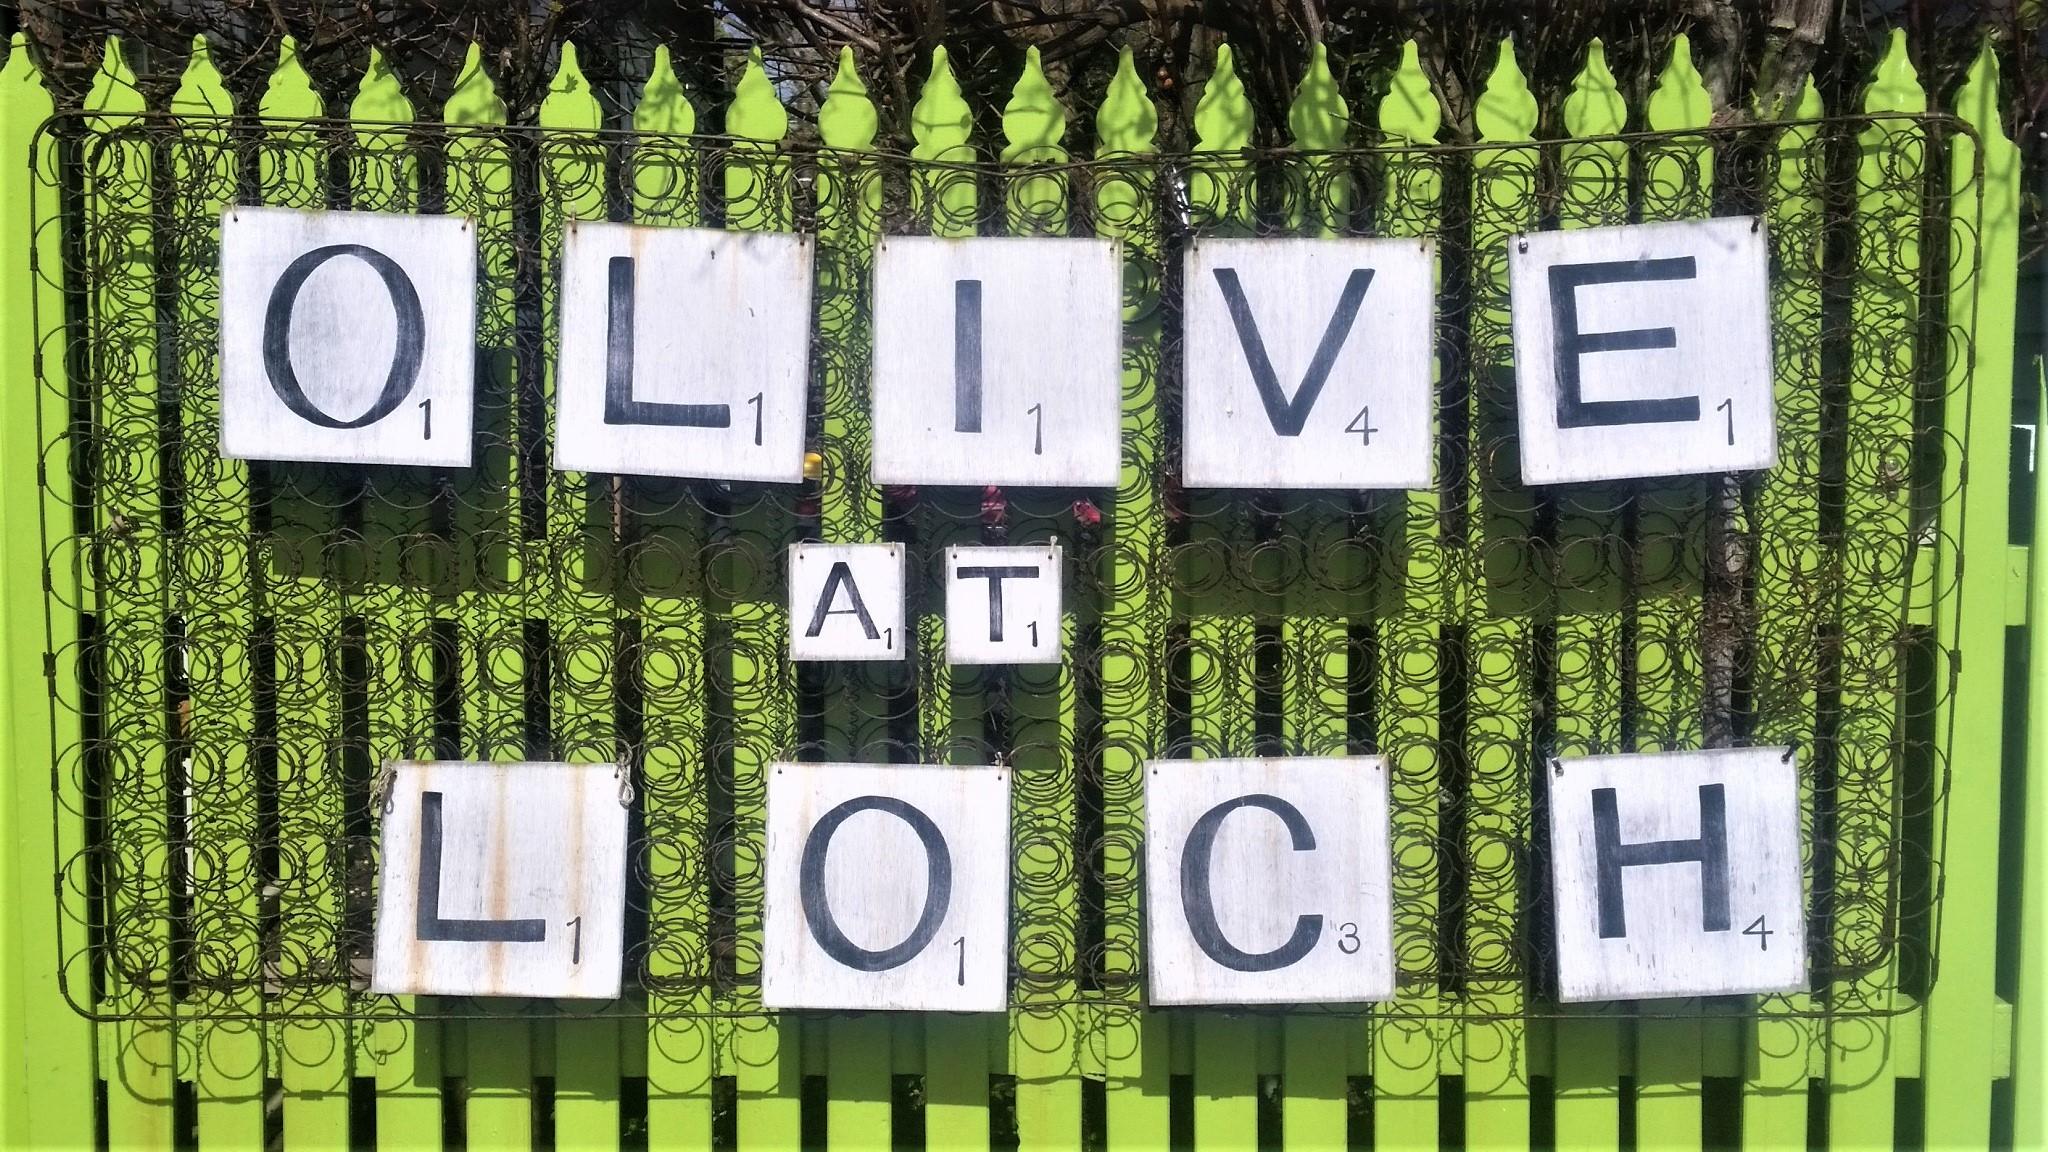 Olive at Loch